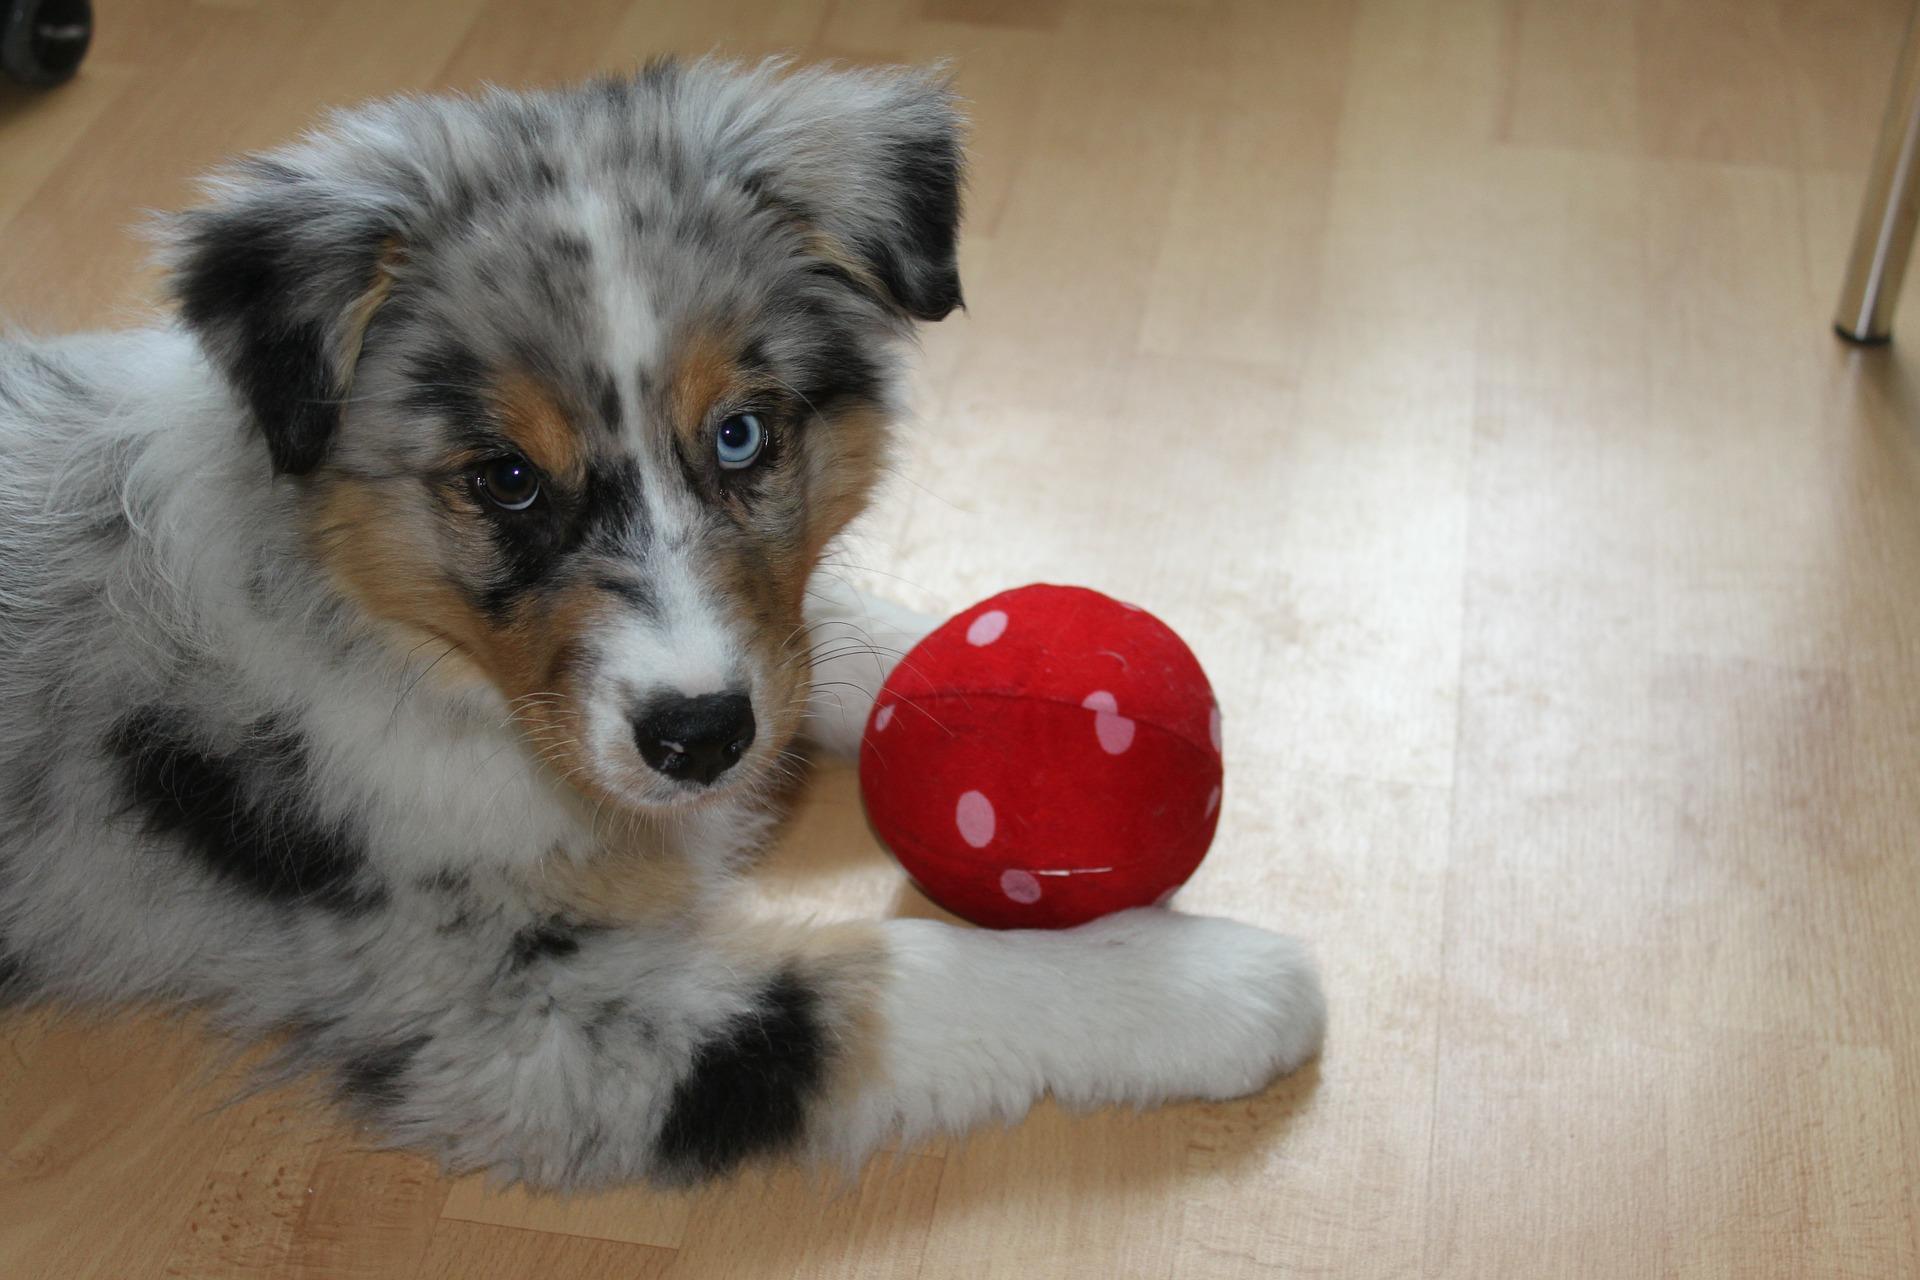 Zabawki dla szczeniąt powinny rozwijać zmysły i ćwiczyć kondycję dorastającego psa.